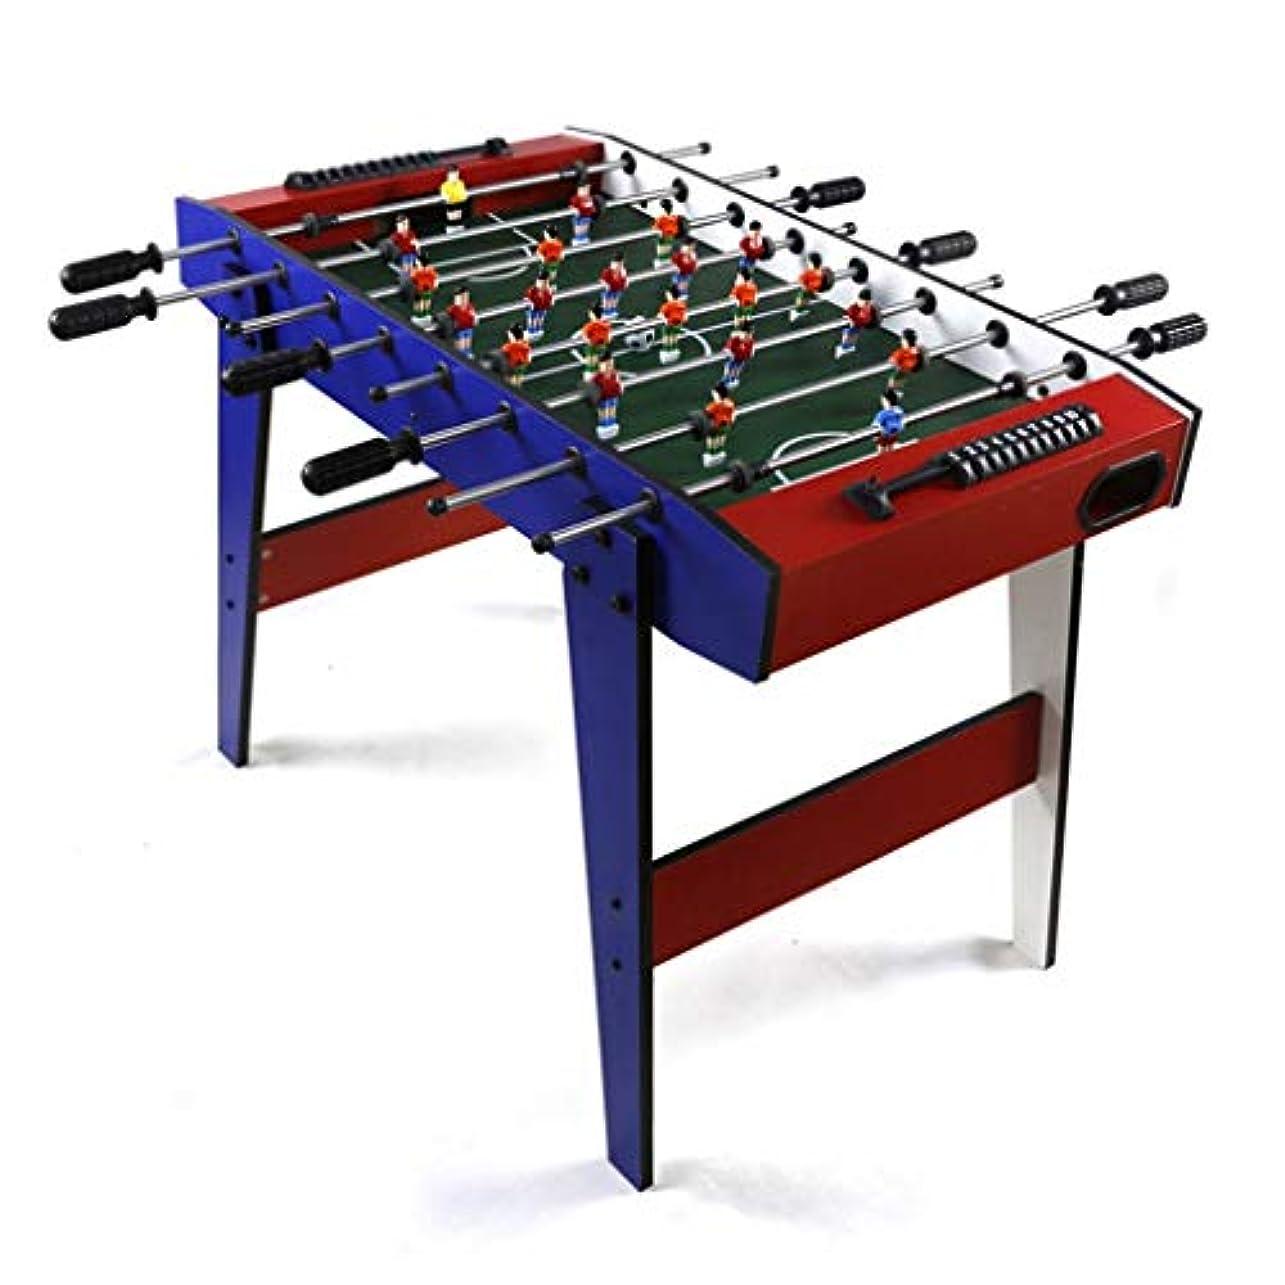 エージェント後ろ、背後、背面(部ゲーム屋内フィットネスゲームテーブル大人の子供の標準8テーブルサッカー機械のおもちゃ屋内大型サッカーテーブルギフトショッピングモール大人のゲーム機 (Color : RED, Size : 90*50.5*60CM)